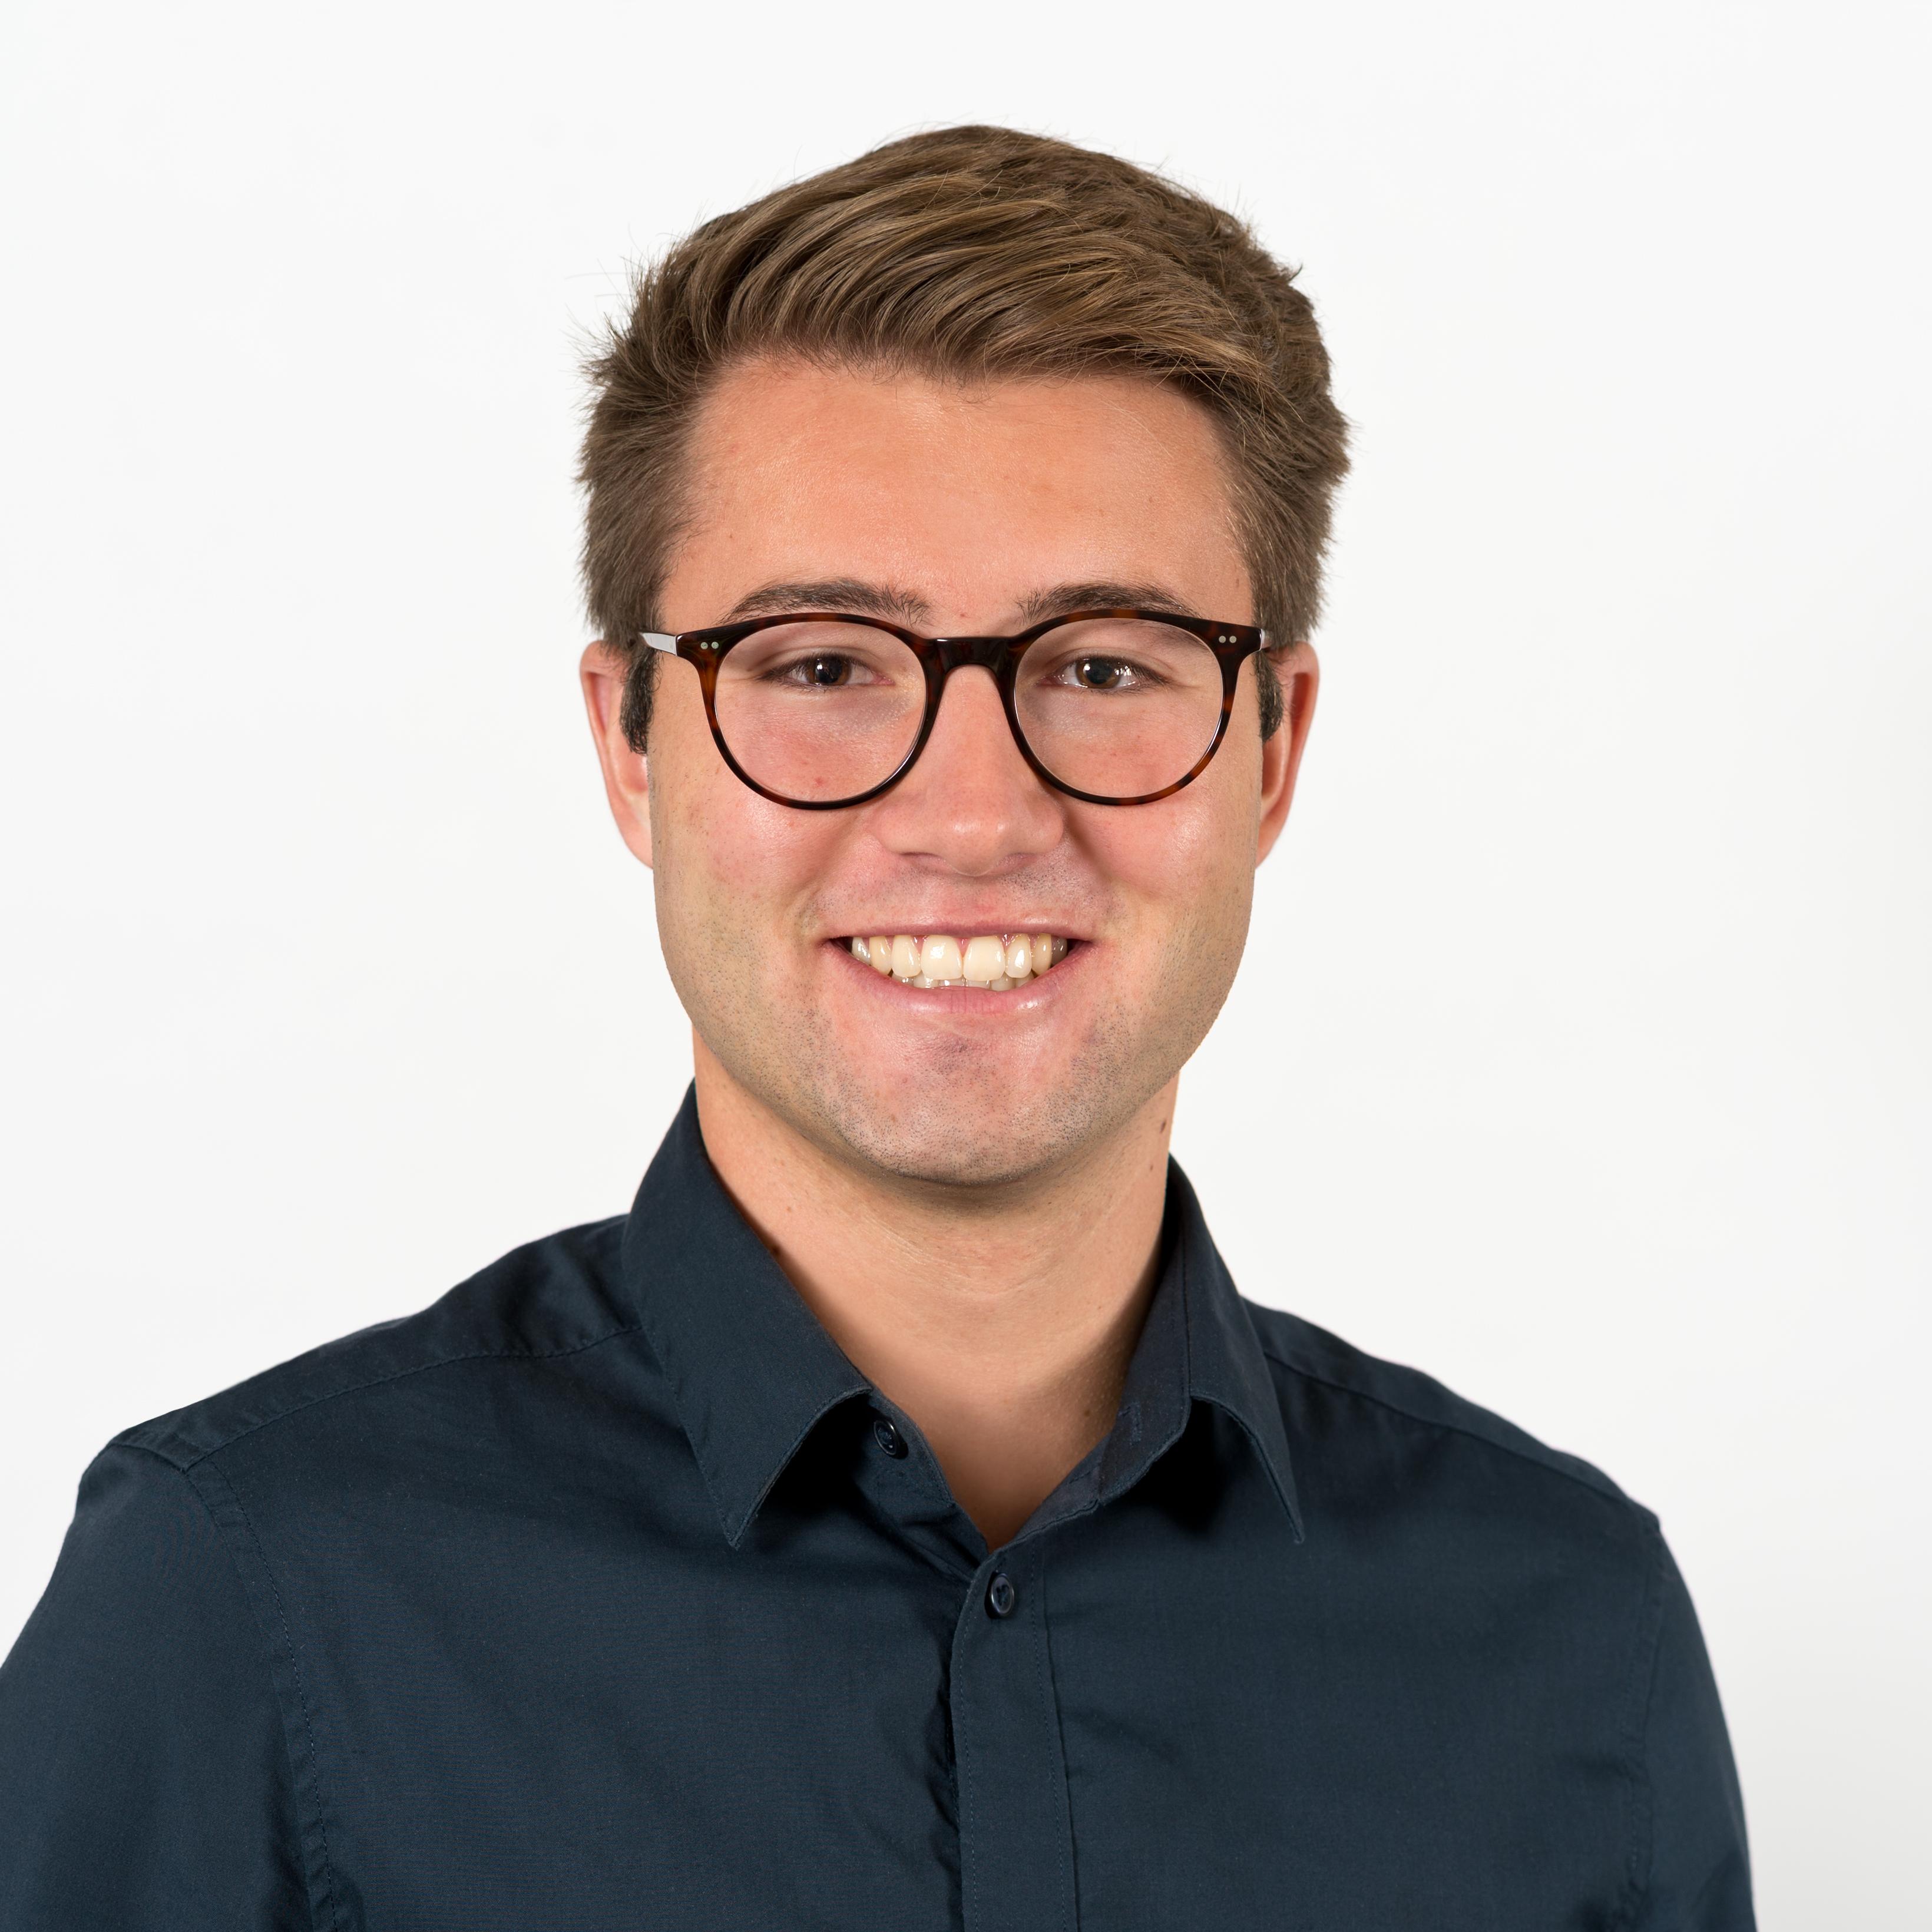 Cédric Schneider